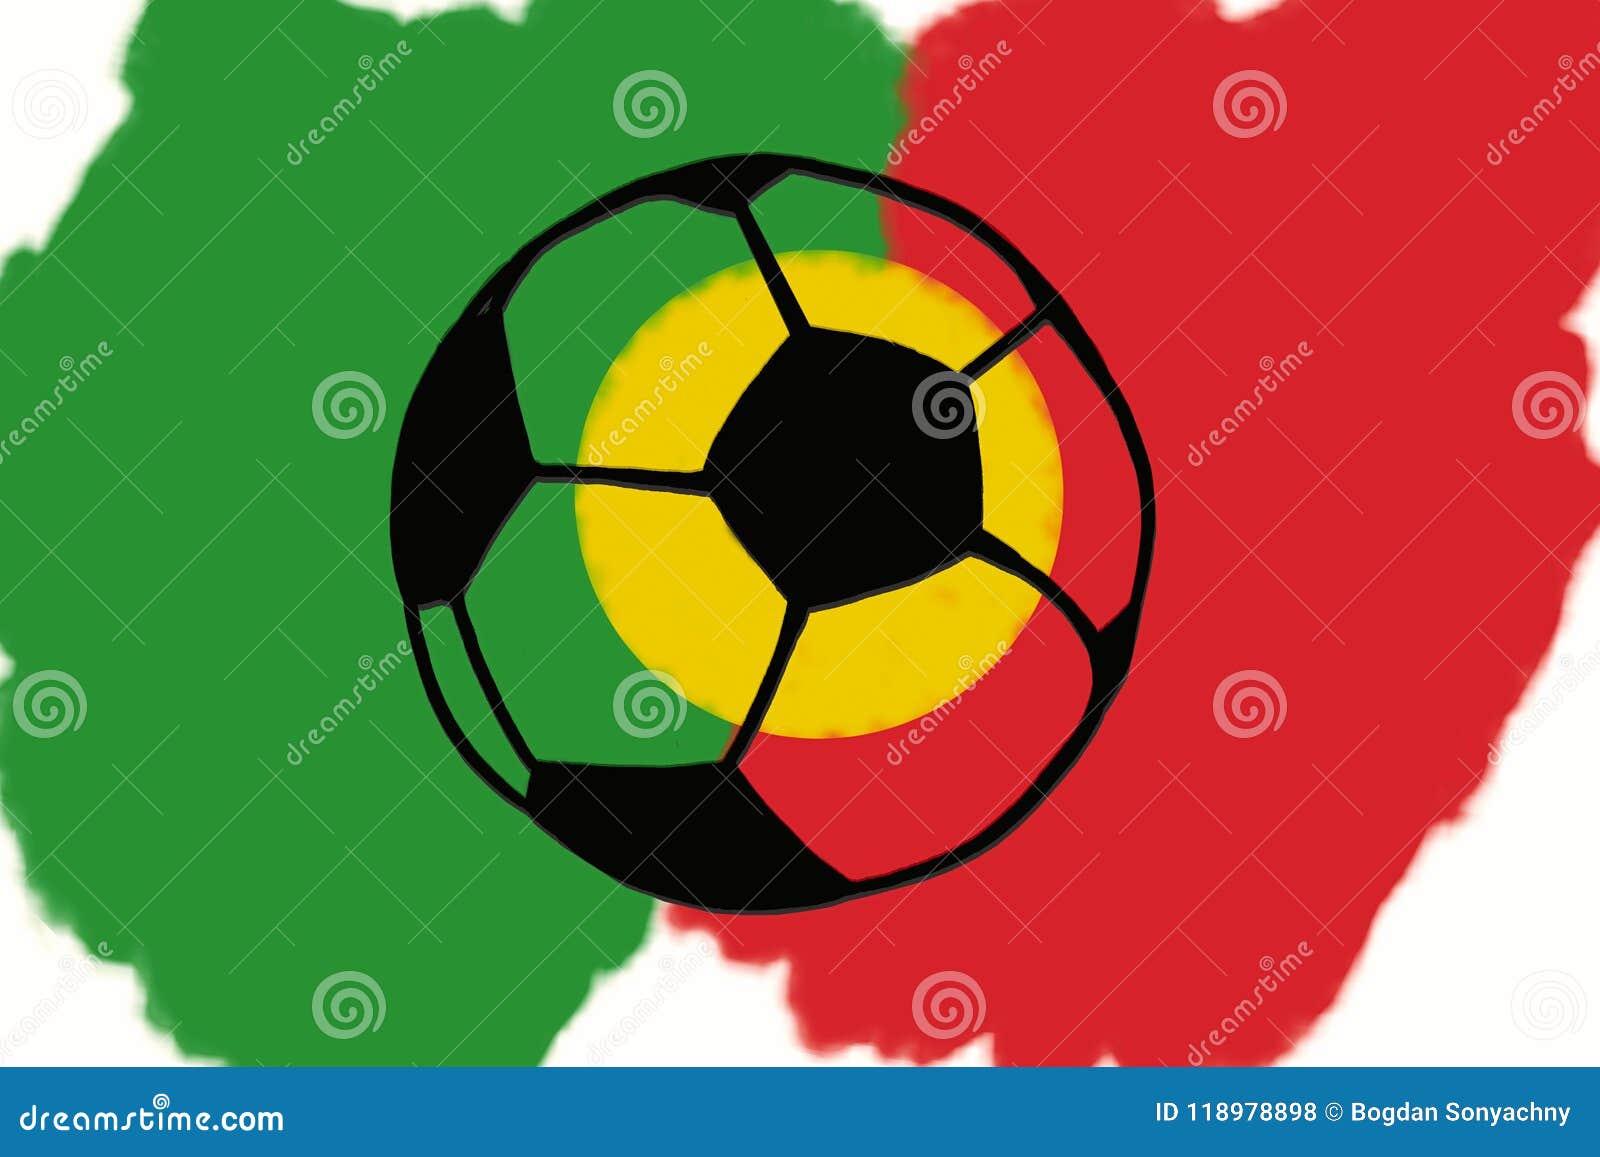 Fussball Ball Und Portugal Kennzeichnen Hand Gezeichnete